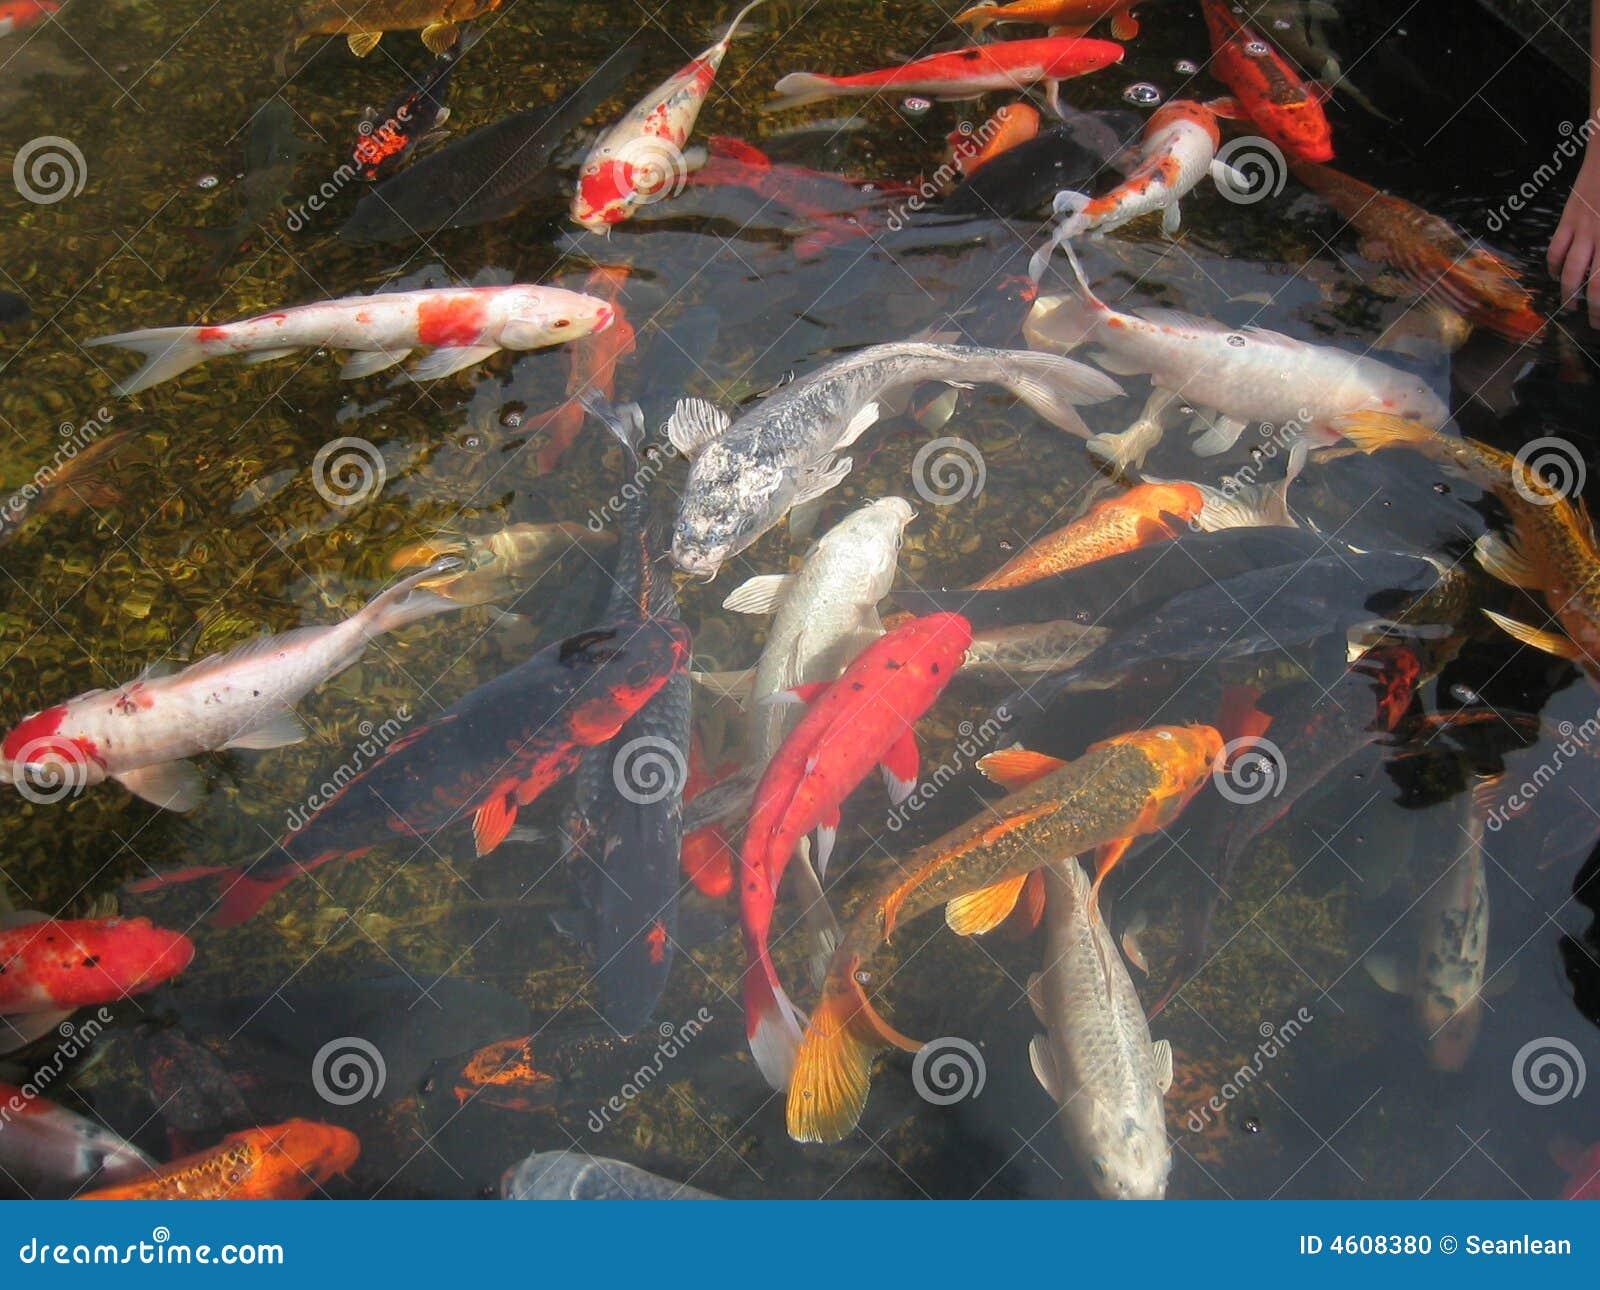 Koi fische im teich stockfoto bild von asiatisch for Koi teich zugefroren